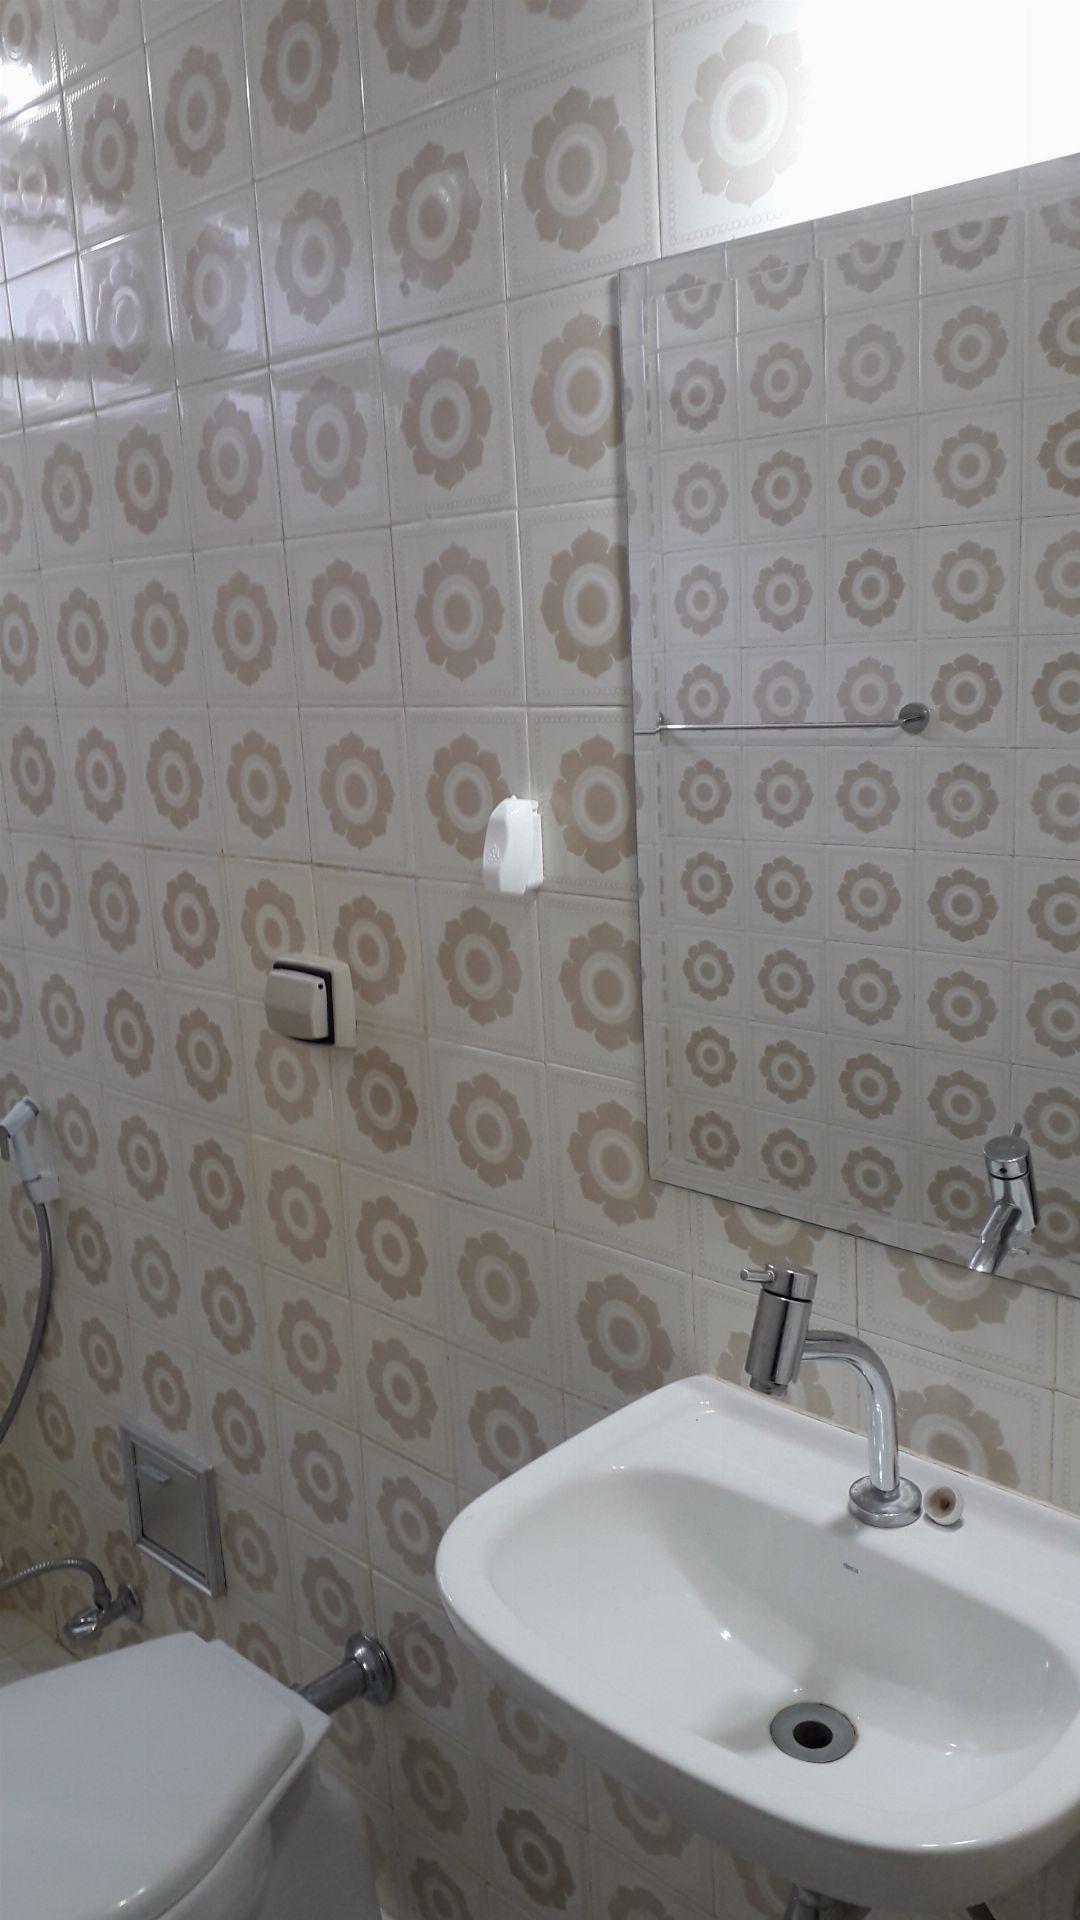 BANHEIRO - Apartamento À Venda - Tijuca - Rio de Janeiro - RJ - 000481 - 6